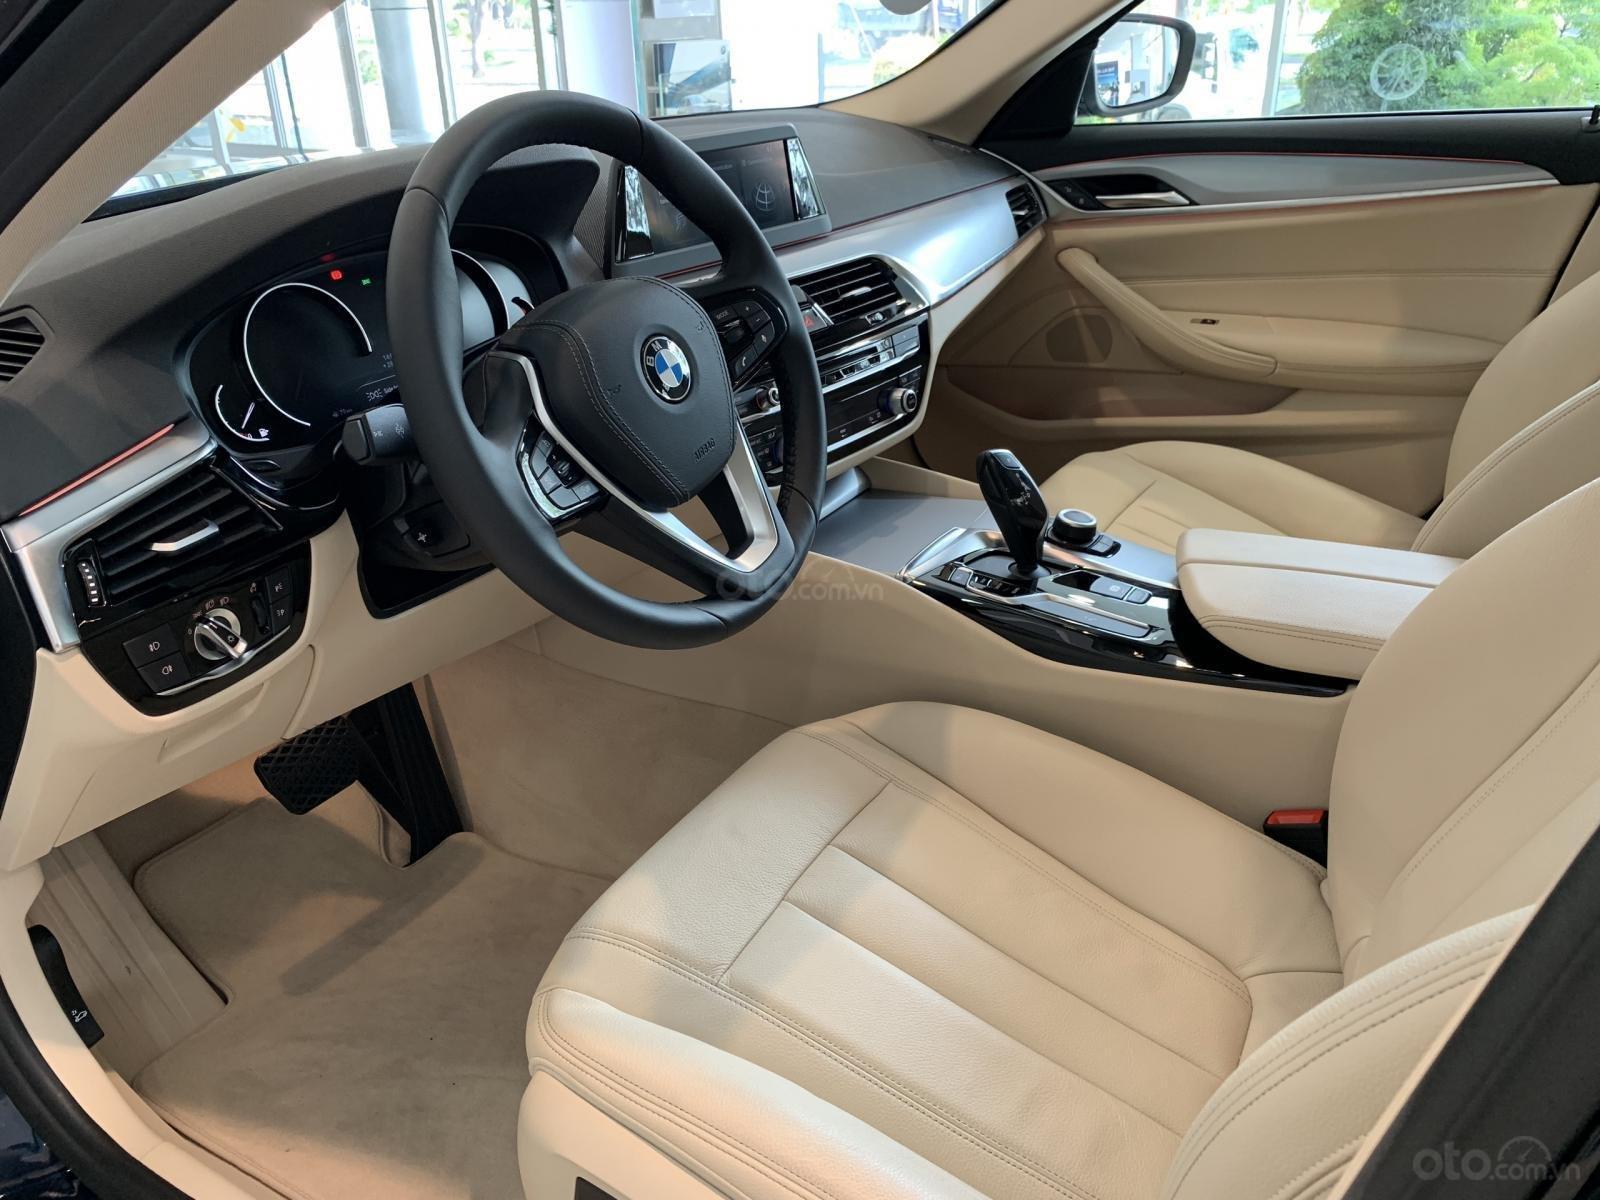 BMW 520i All new 2019 - Nhập khẩu chính hãng - Hỗ trợ vay trả góp, lãi suất ưu đãi-5